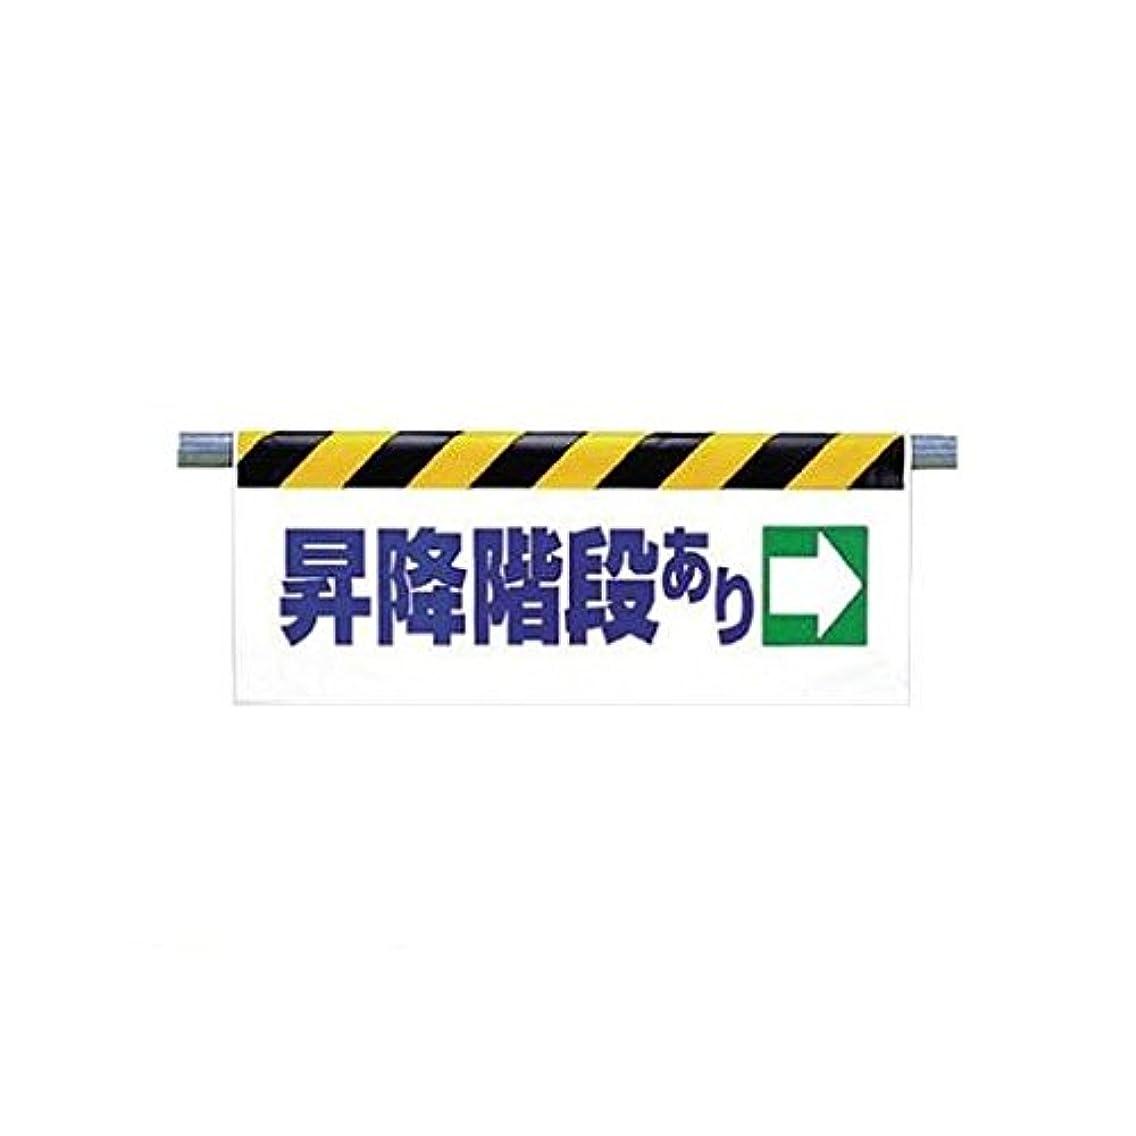 情緒的死すべき光沢のあるEV40315 ワンタッチ取付標識 昇降階段あり→ ターポリン 500×900